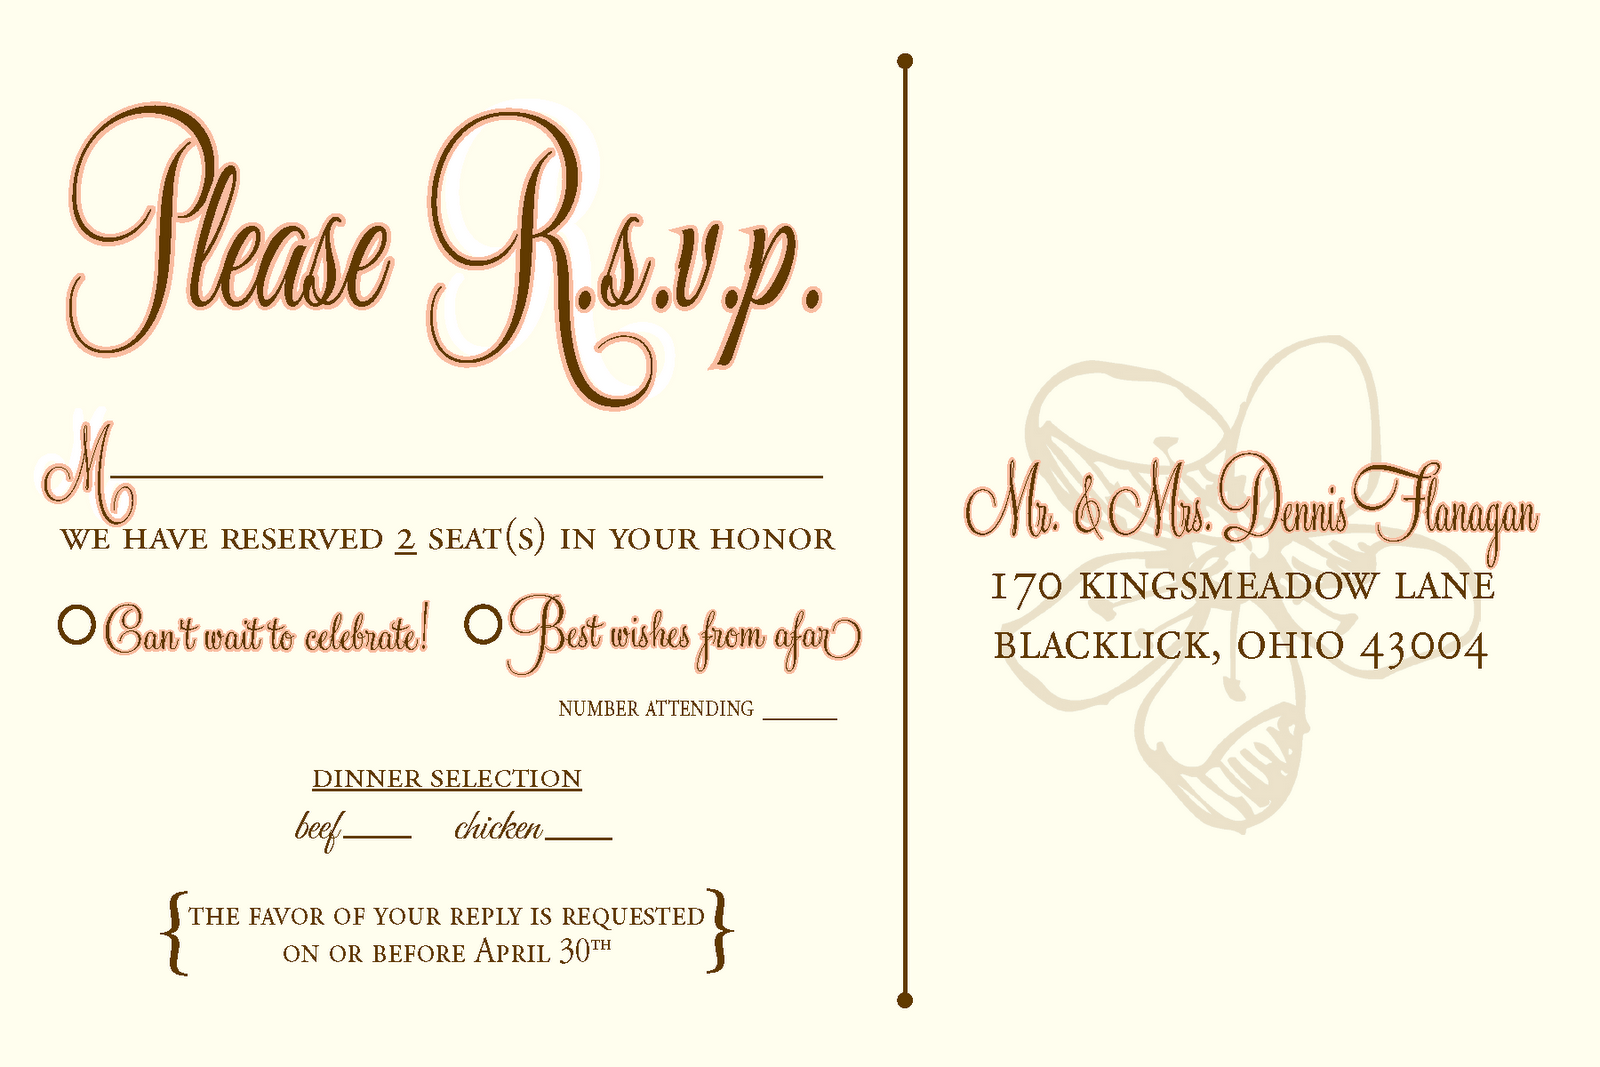 rsvp wedding template wording wedding design pinterest wedding templates wedding rsvp and. Black Bedroom Furniture Sets. Home Design Ideas